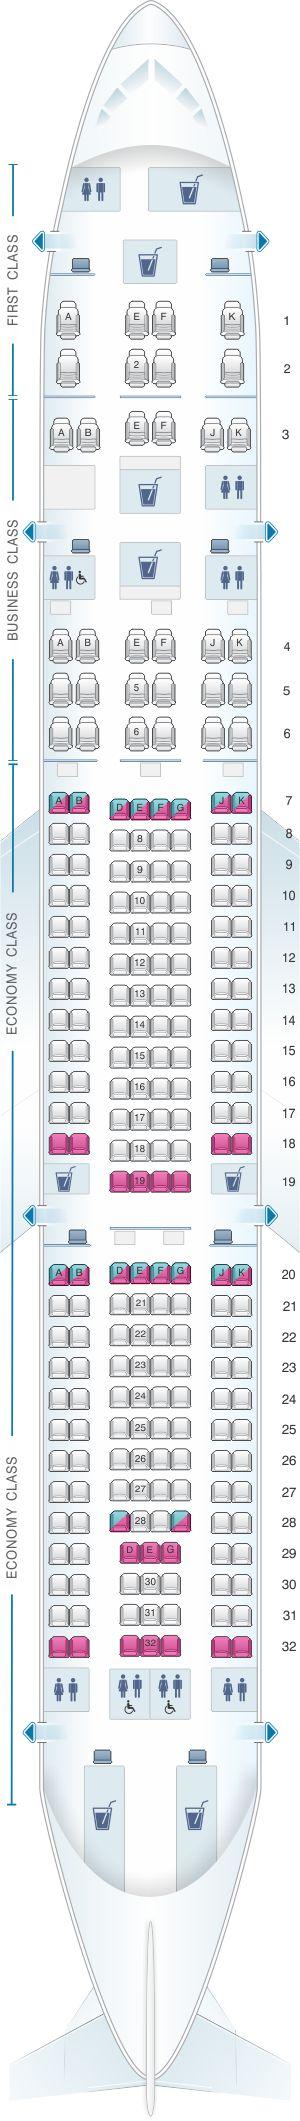 Seat Map Qatar Airways Airbus A330 200 232pax